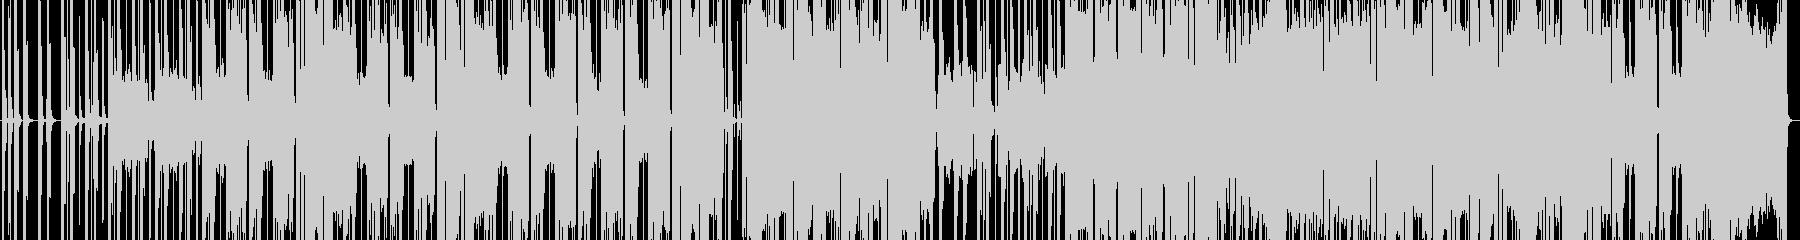 ギターの未再生の波形